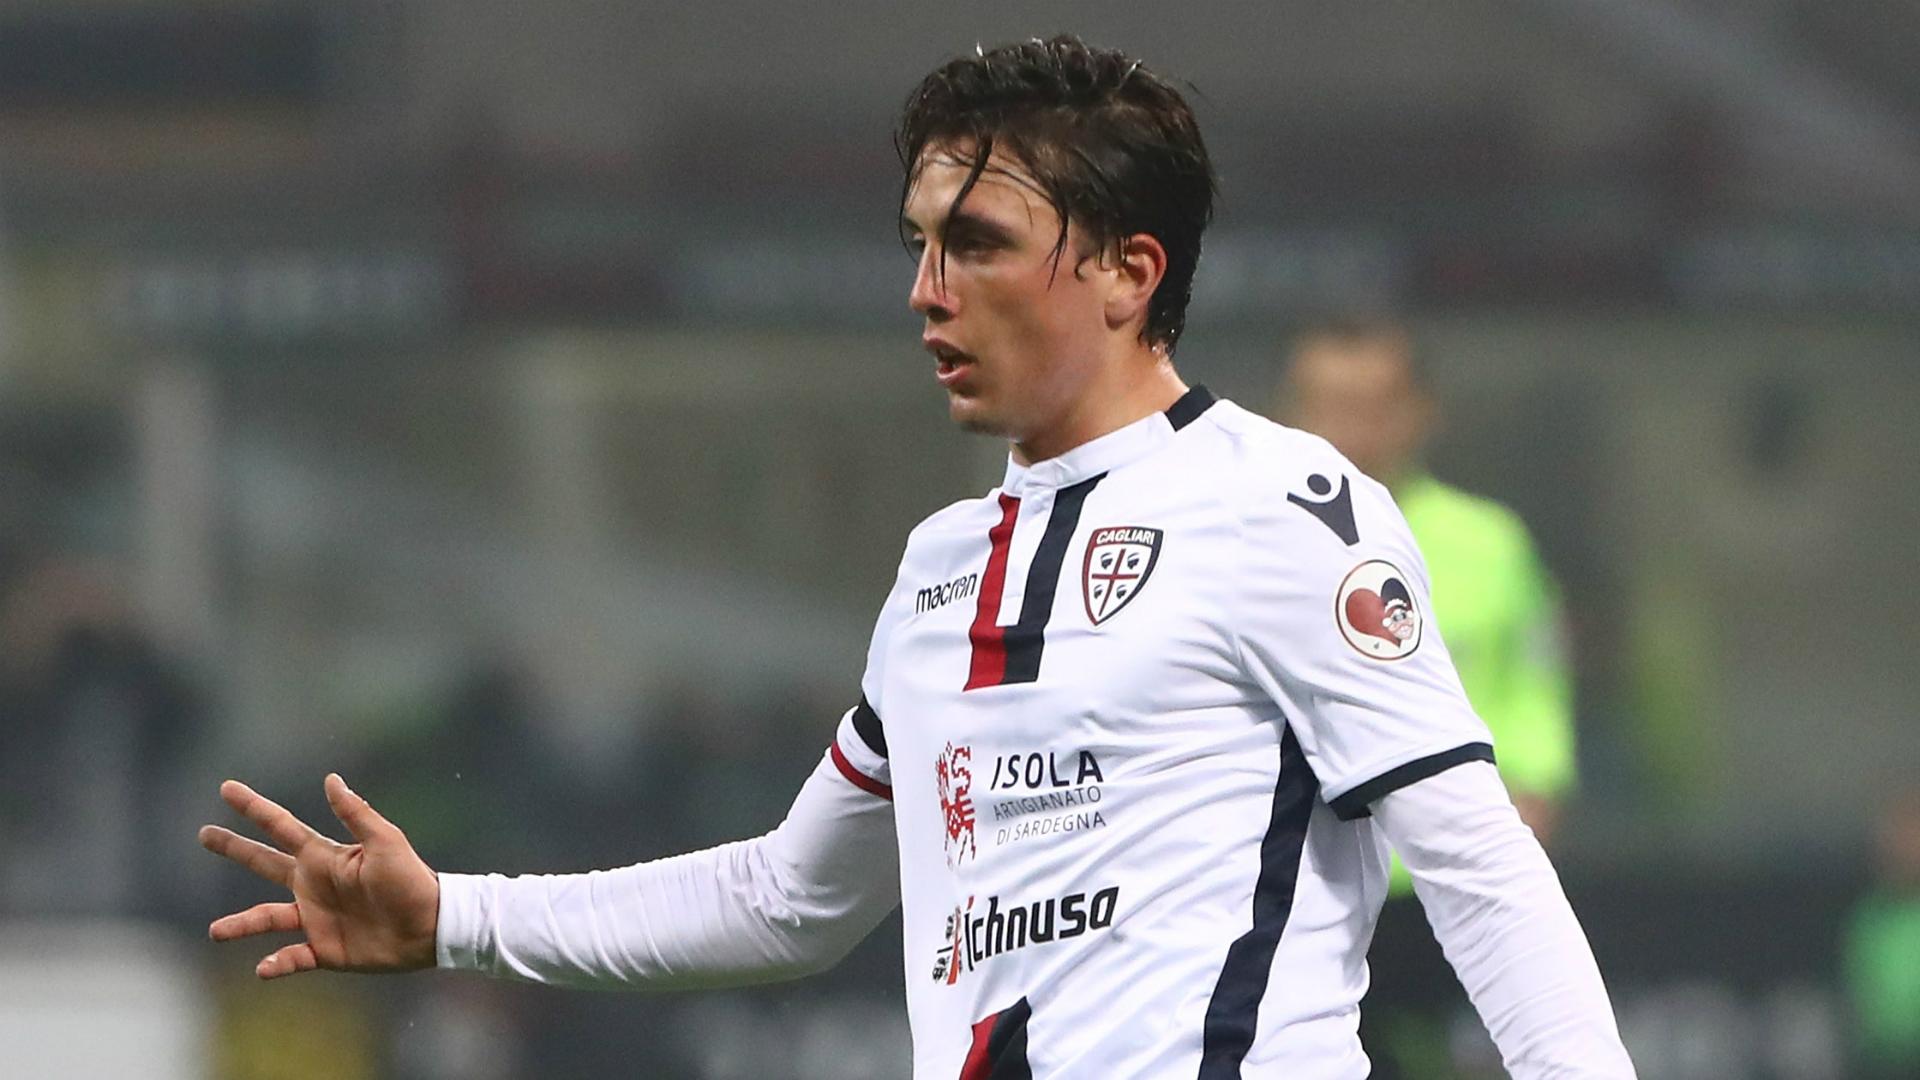 Calciomercato Juventus Pellegrini Puo Tornare In Prestito Al Cagliari La Notizia Sportiva Il Web Magazine Sportivo